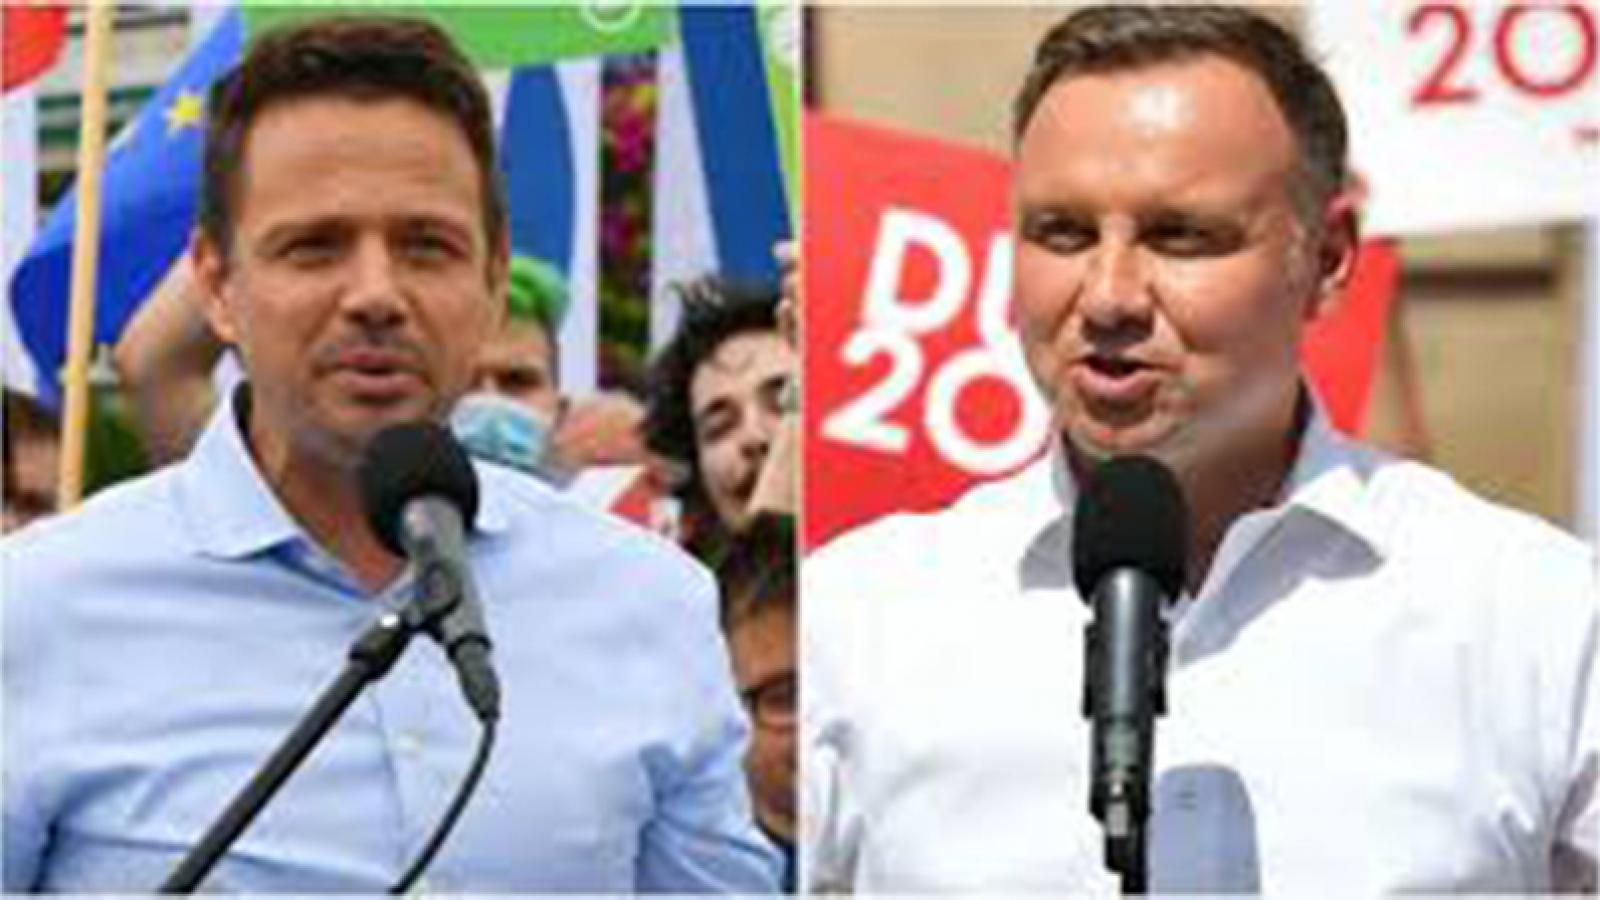 Bầu cử tổng thống Ba Lan: Tổng thống đương nhiệm Duda giành lợi thế